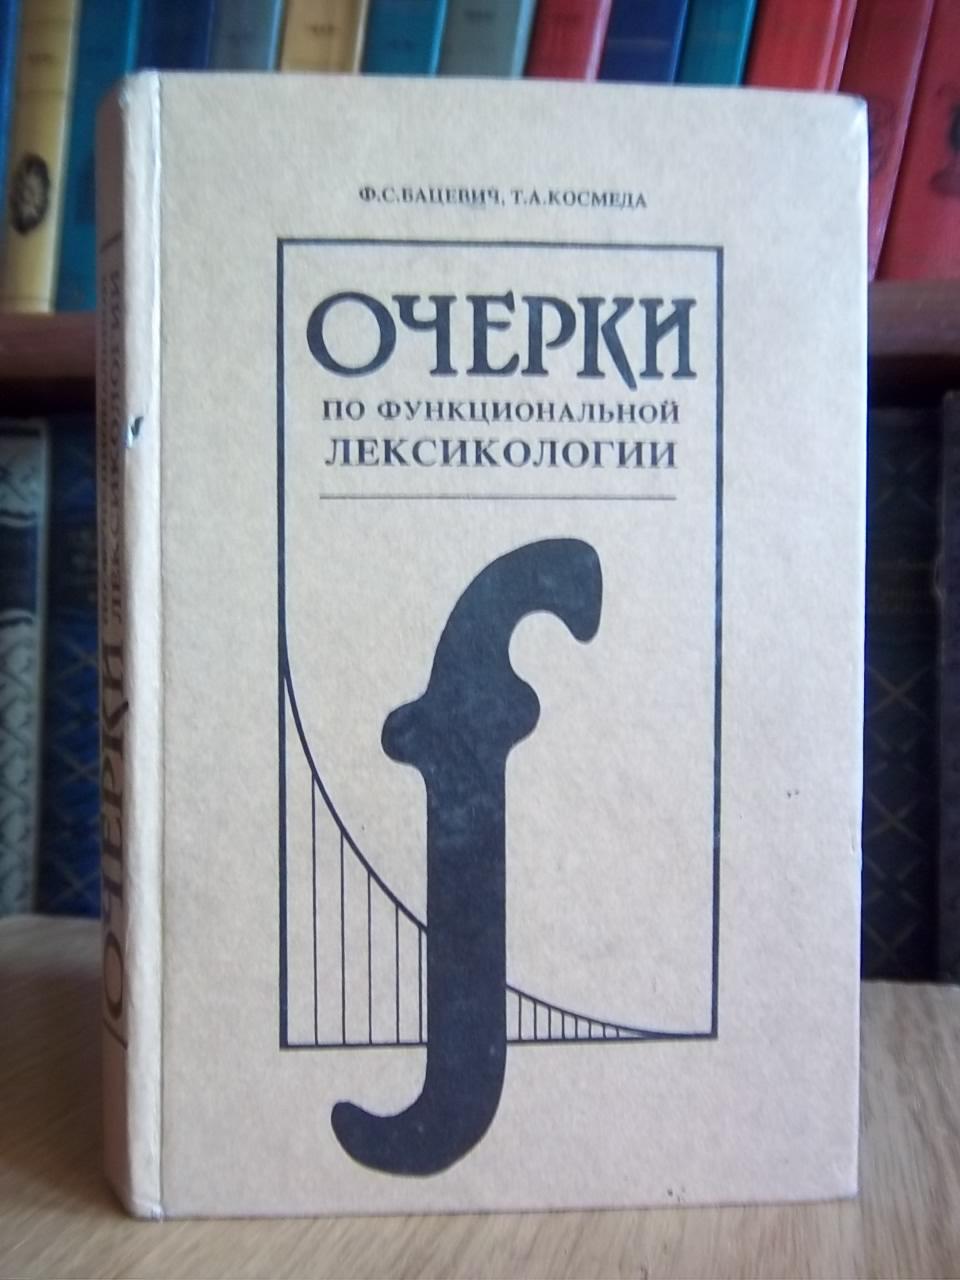 Очерки по функциональной лексикологии. Бацевич Ф., Космеда Т.